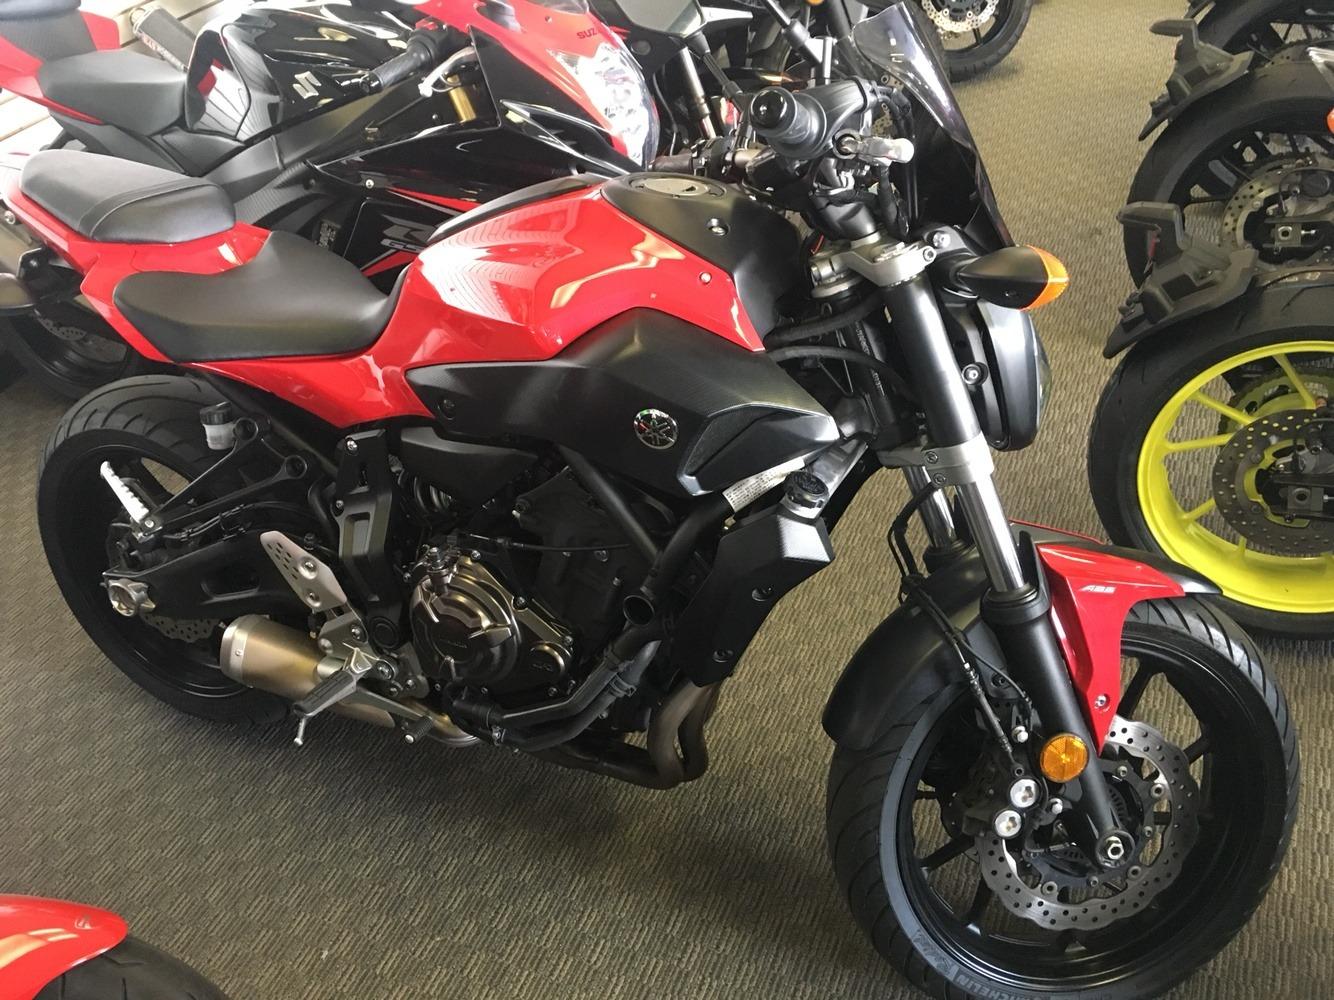 2017 Yamaha FZ-07 ABS for sale 43538